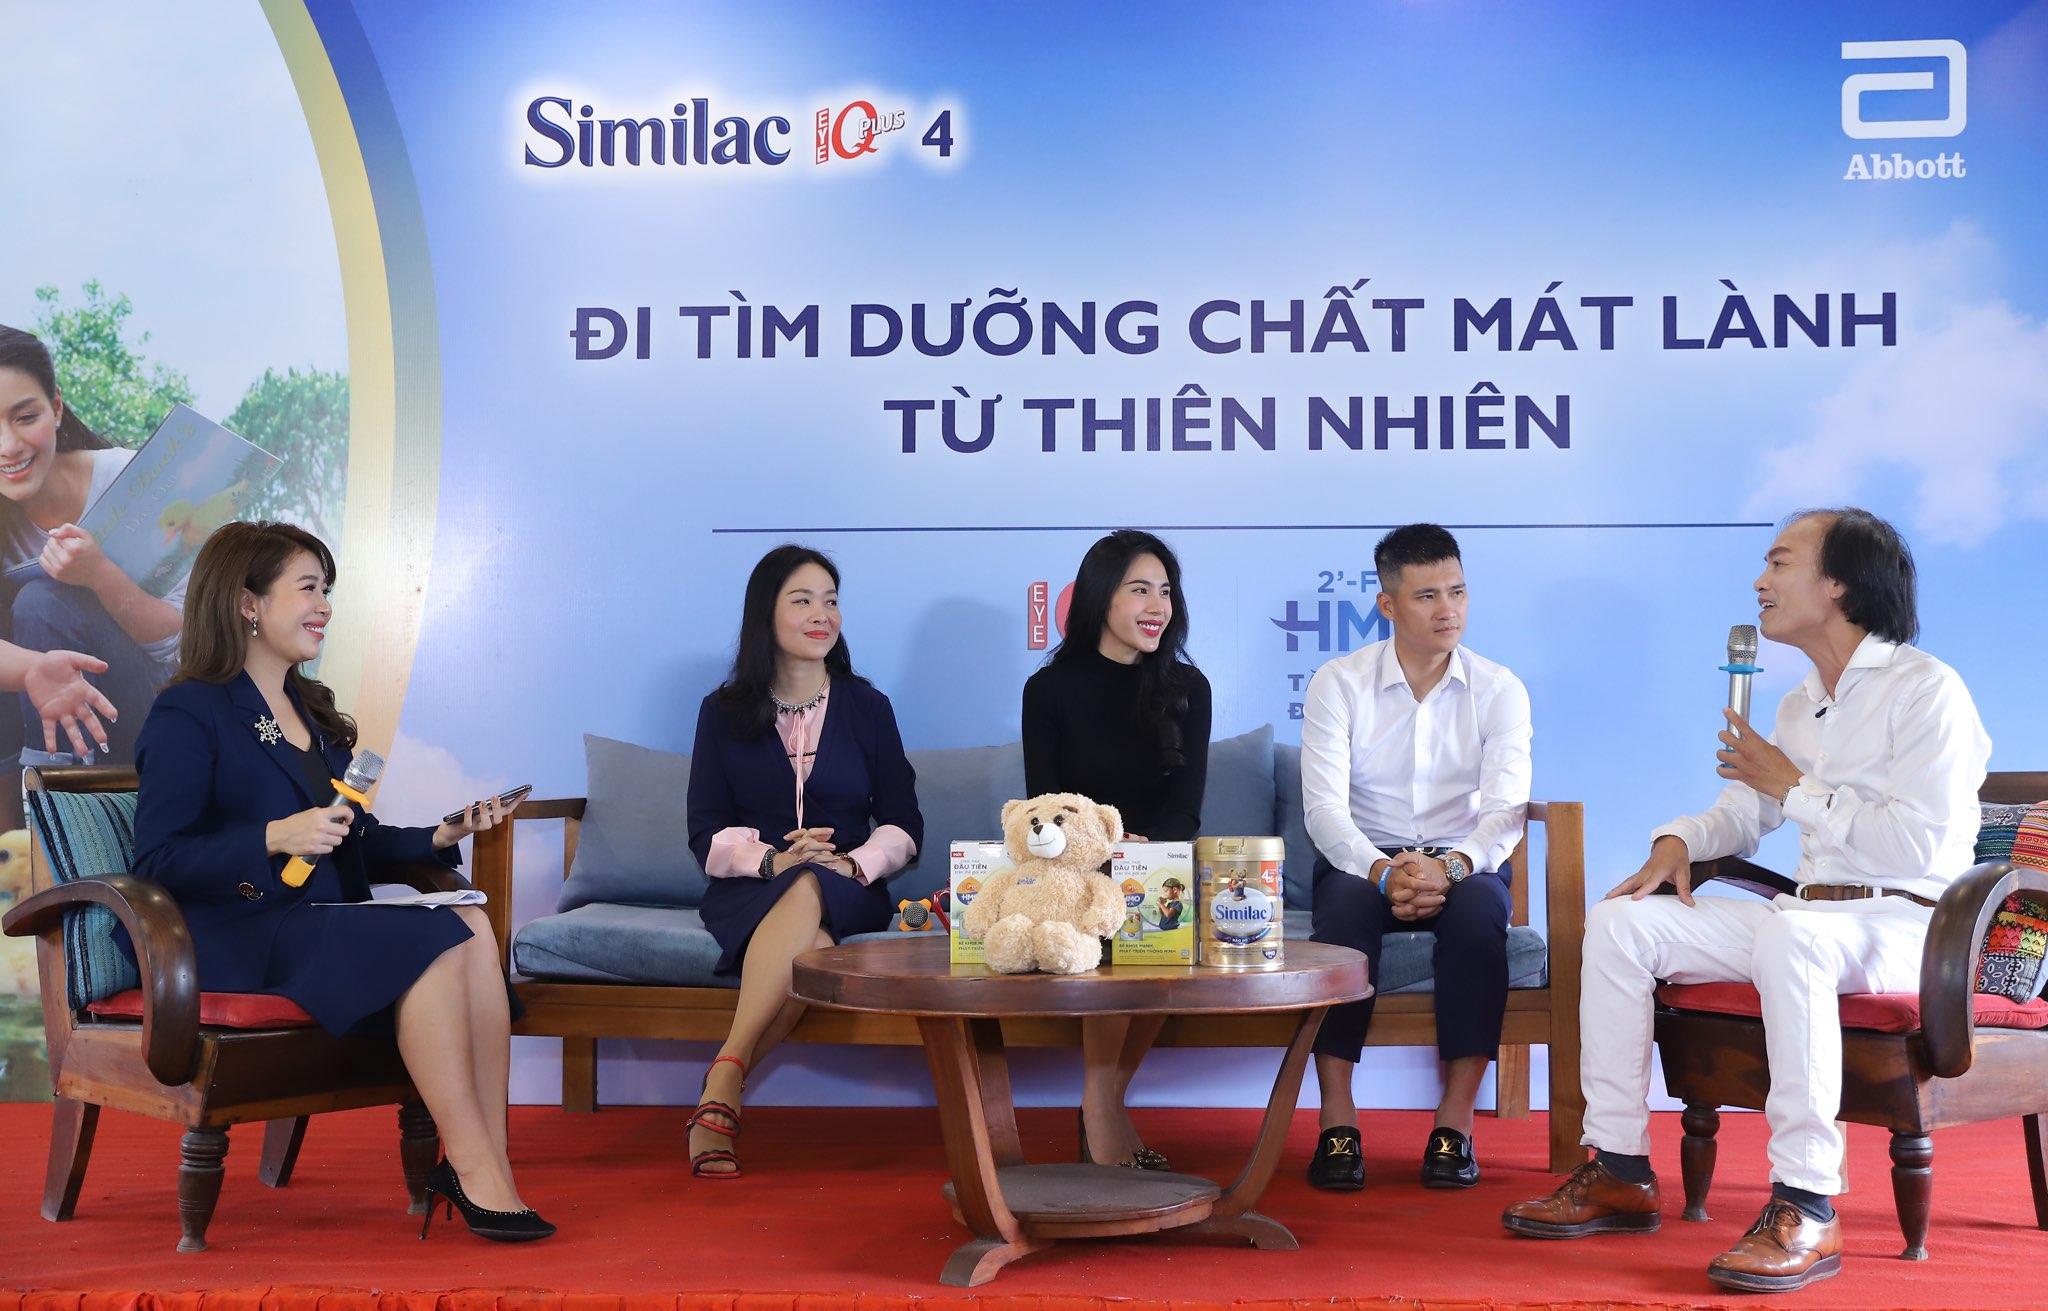 PGS. TS Nguyễn Tiến Dũng – Nguyên Trưởng khoa Nhi bệnh viện Bạch Mai (ngoài cùng bên phải)